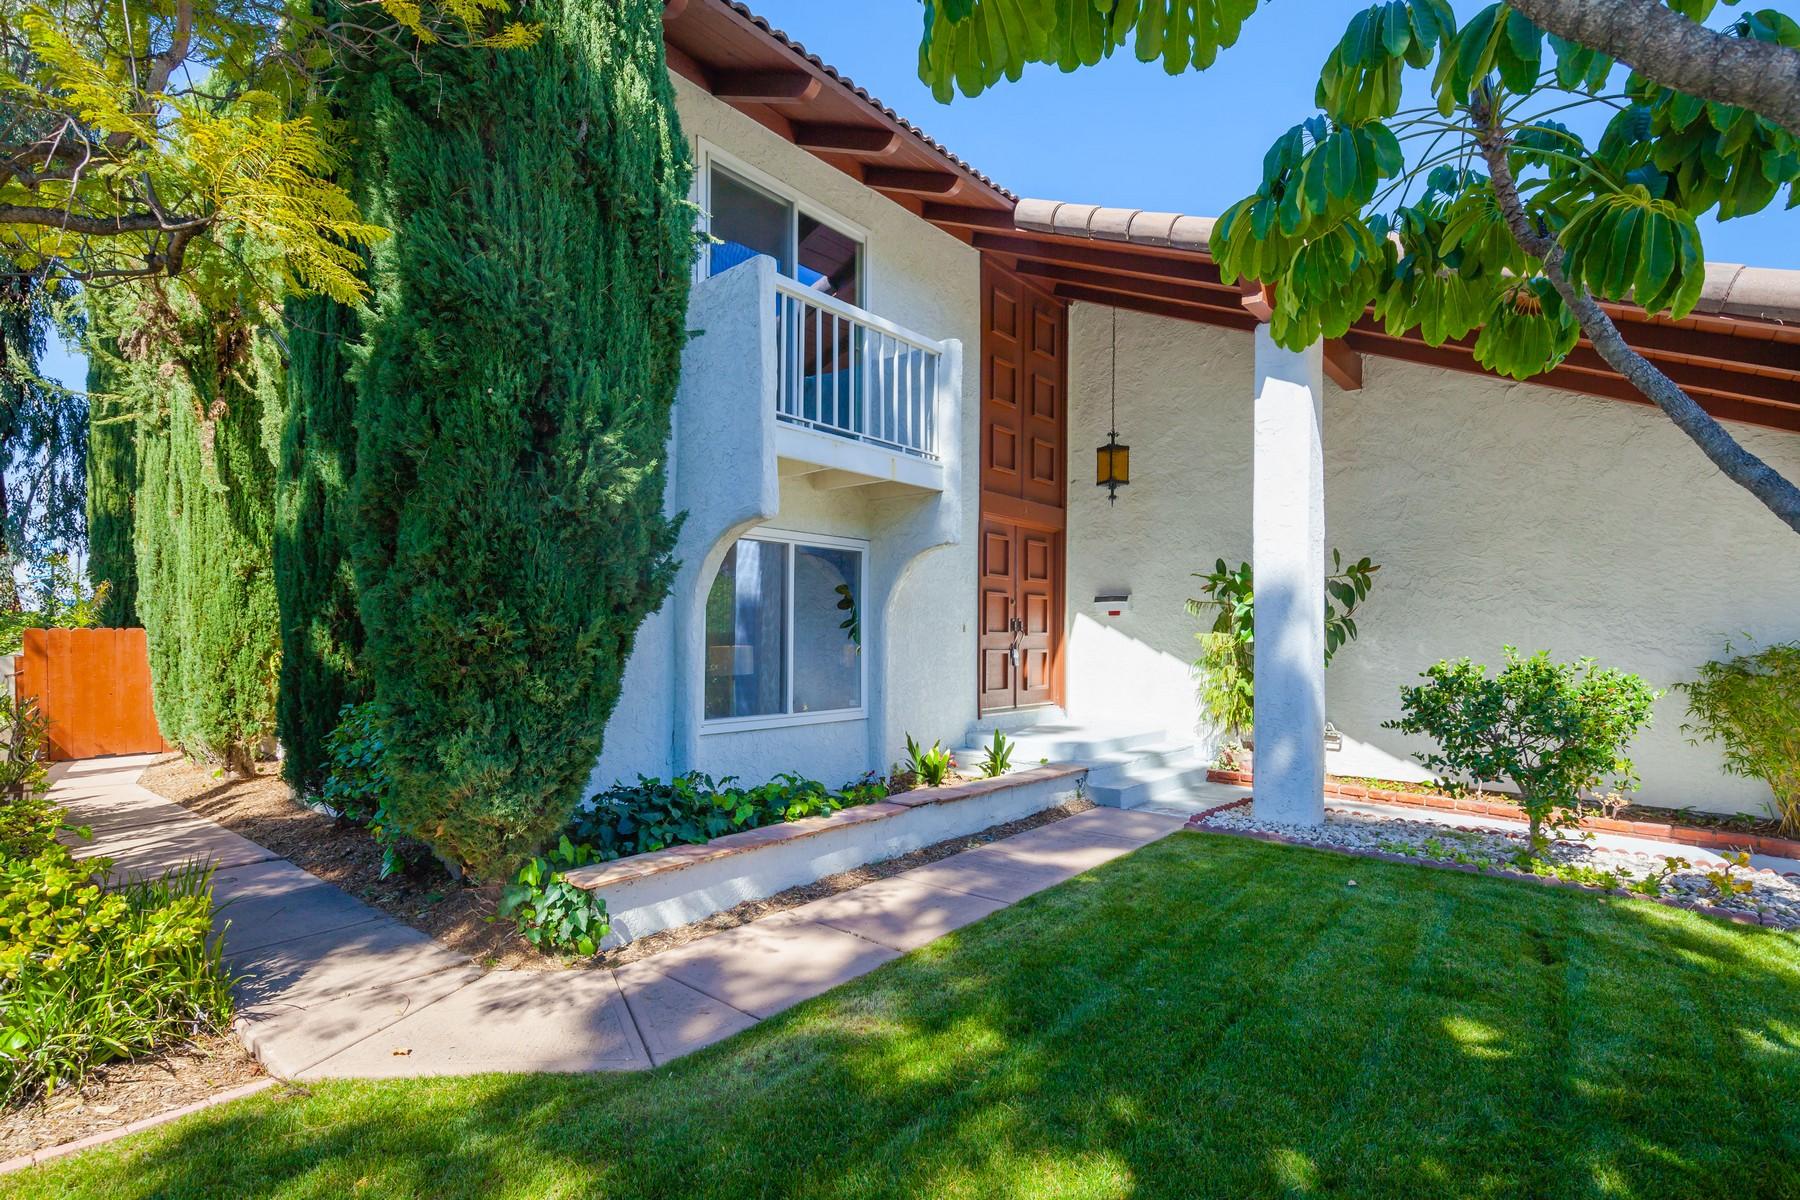 独户住宅 为 销售 在 6006 Camino Largo 圣地亚哥, 加利福尼亚州, 92120 美国